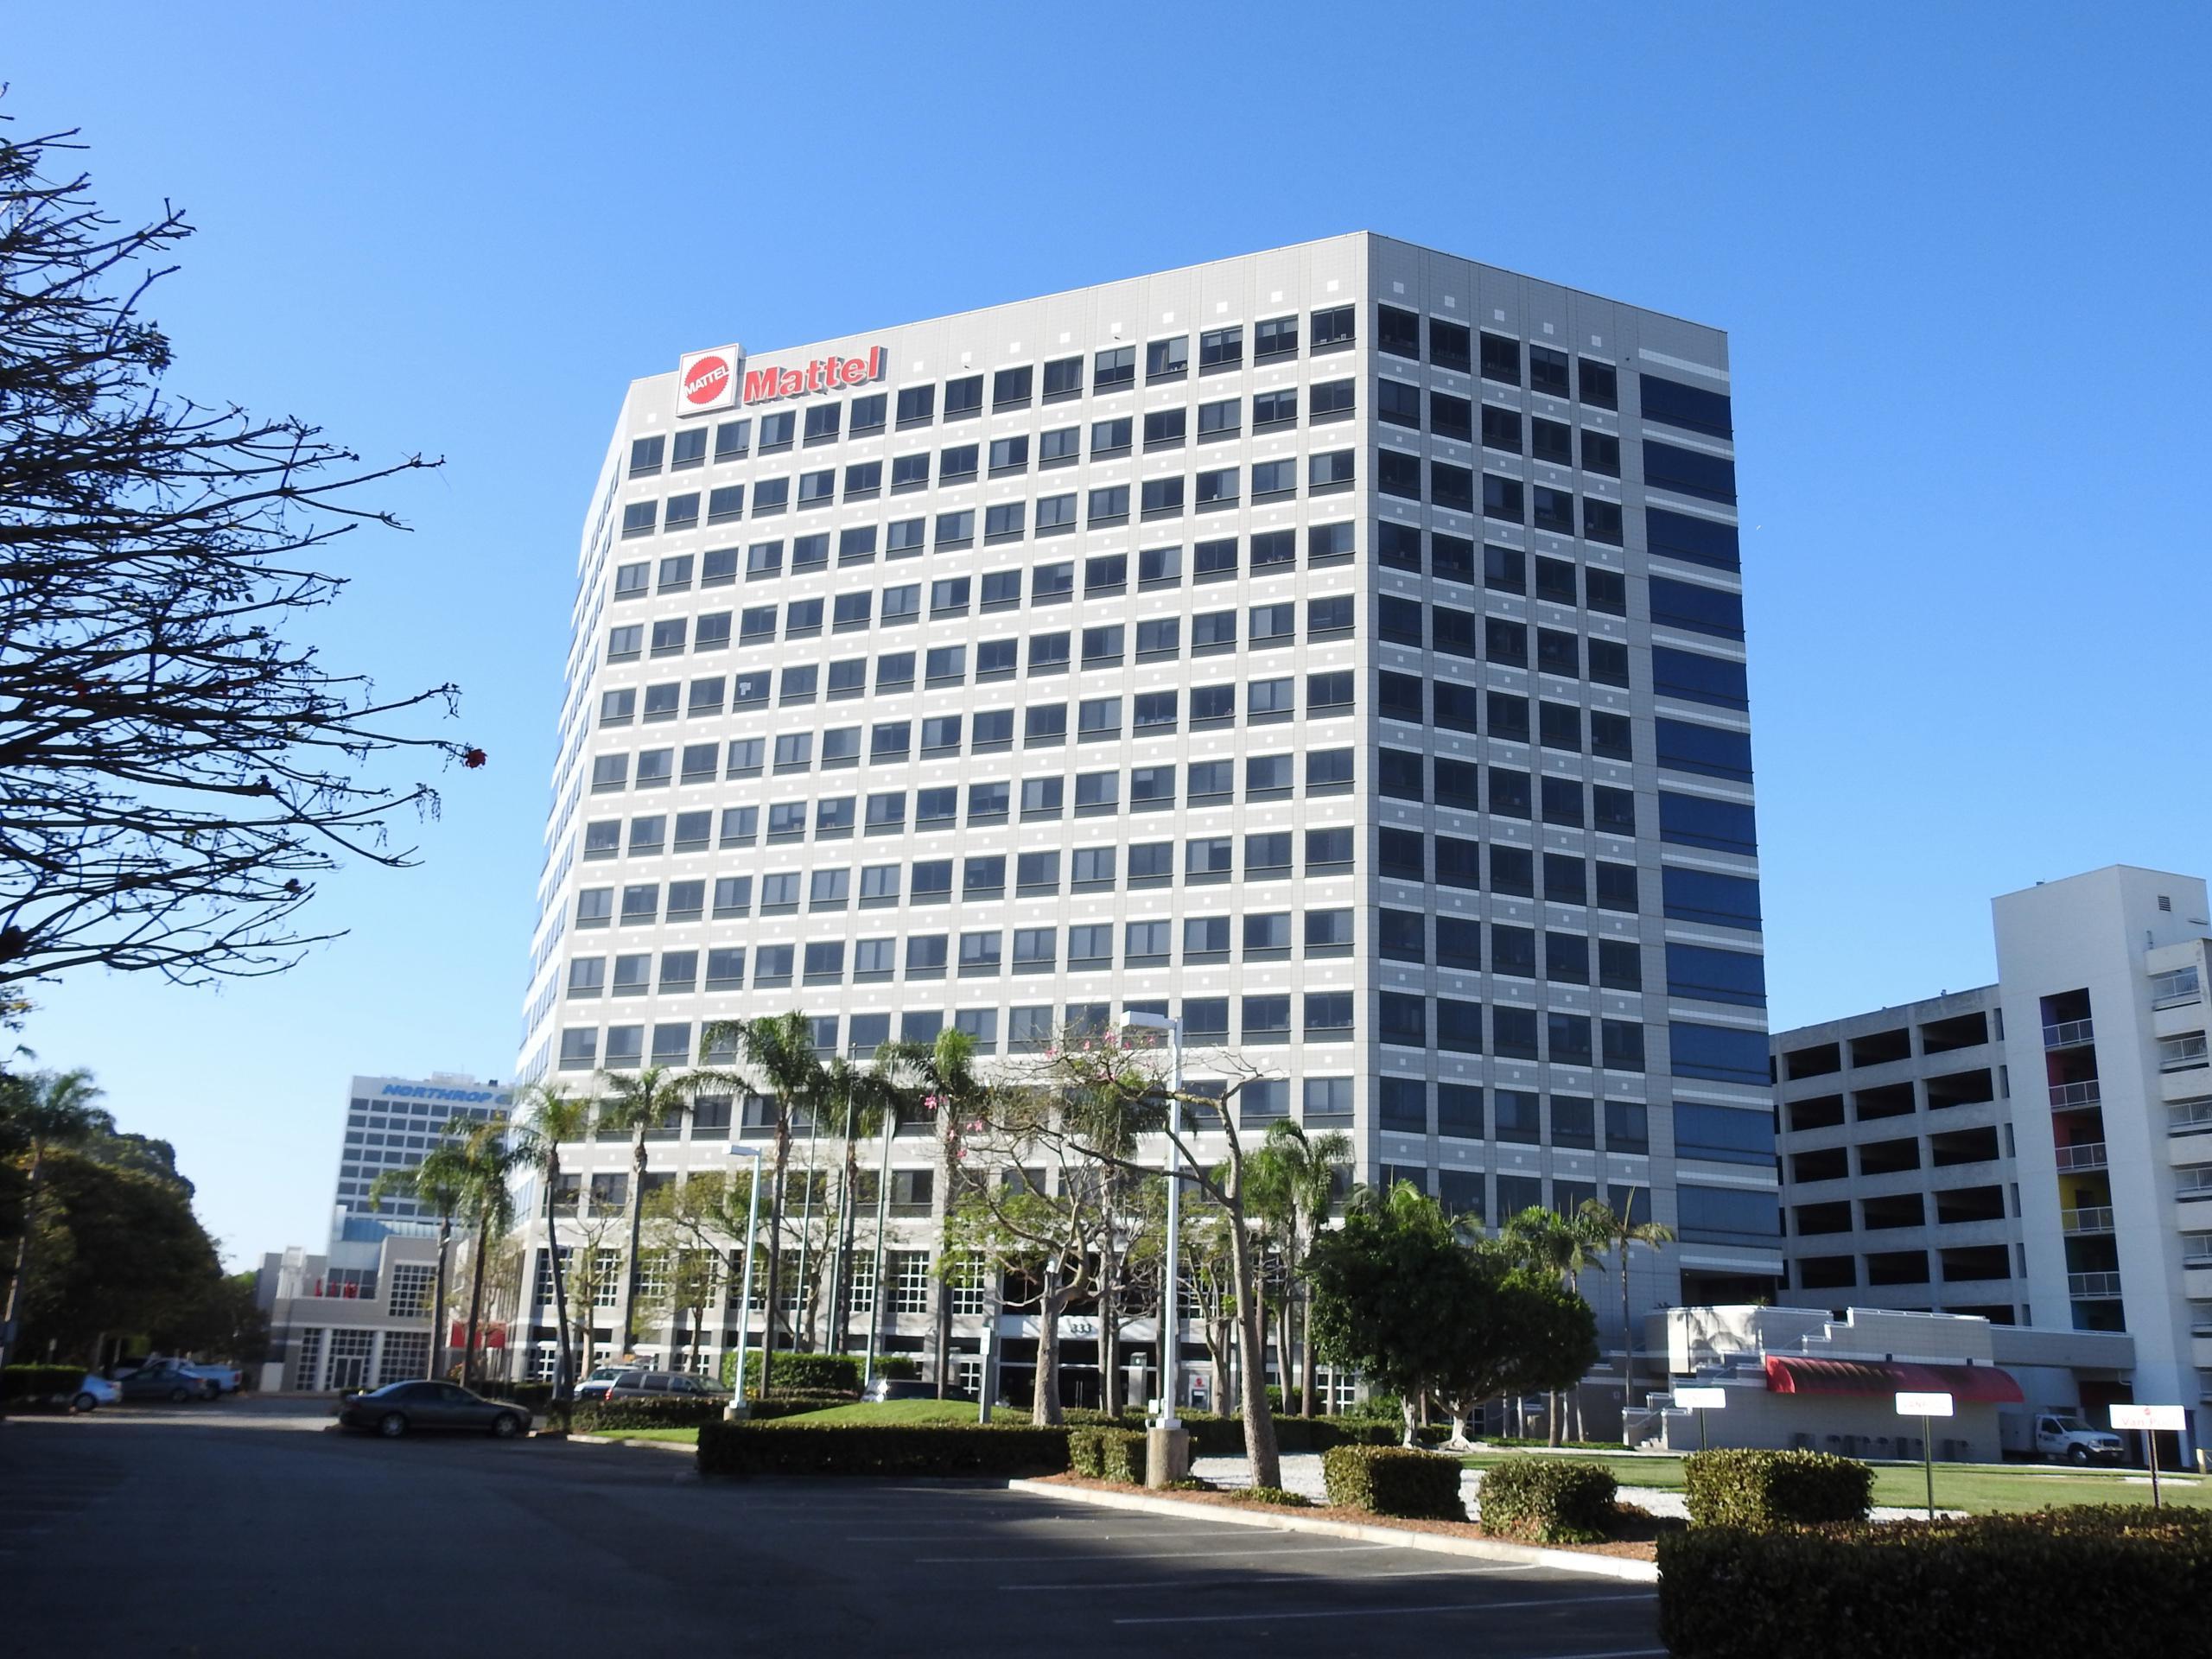 Mattel's corporate headquarters in El Segundo, California.